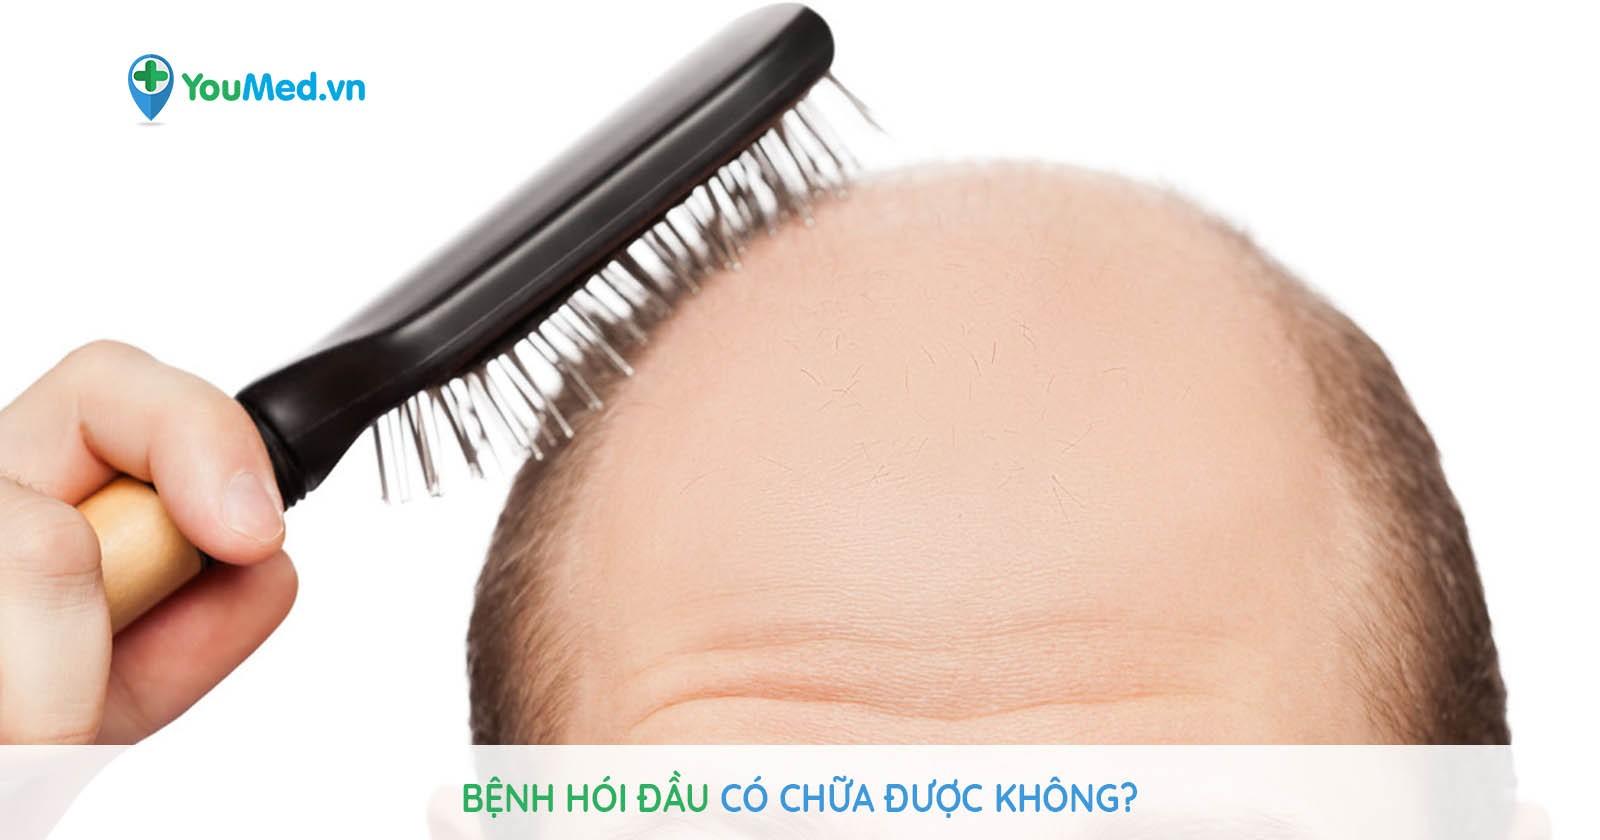 Bệnh hói đầu có chữa được không?